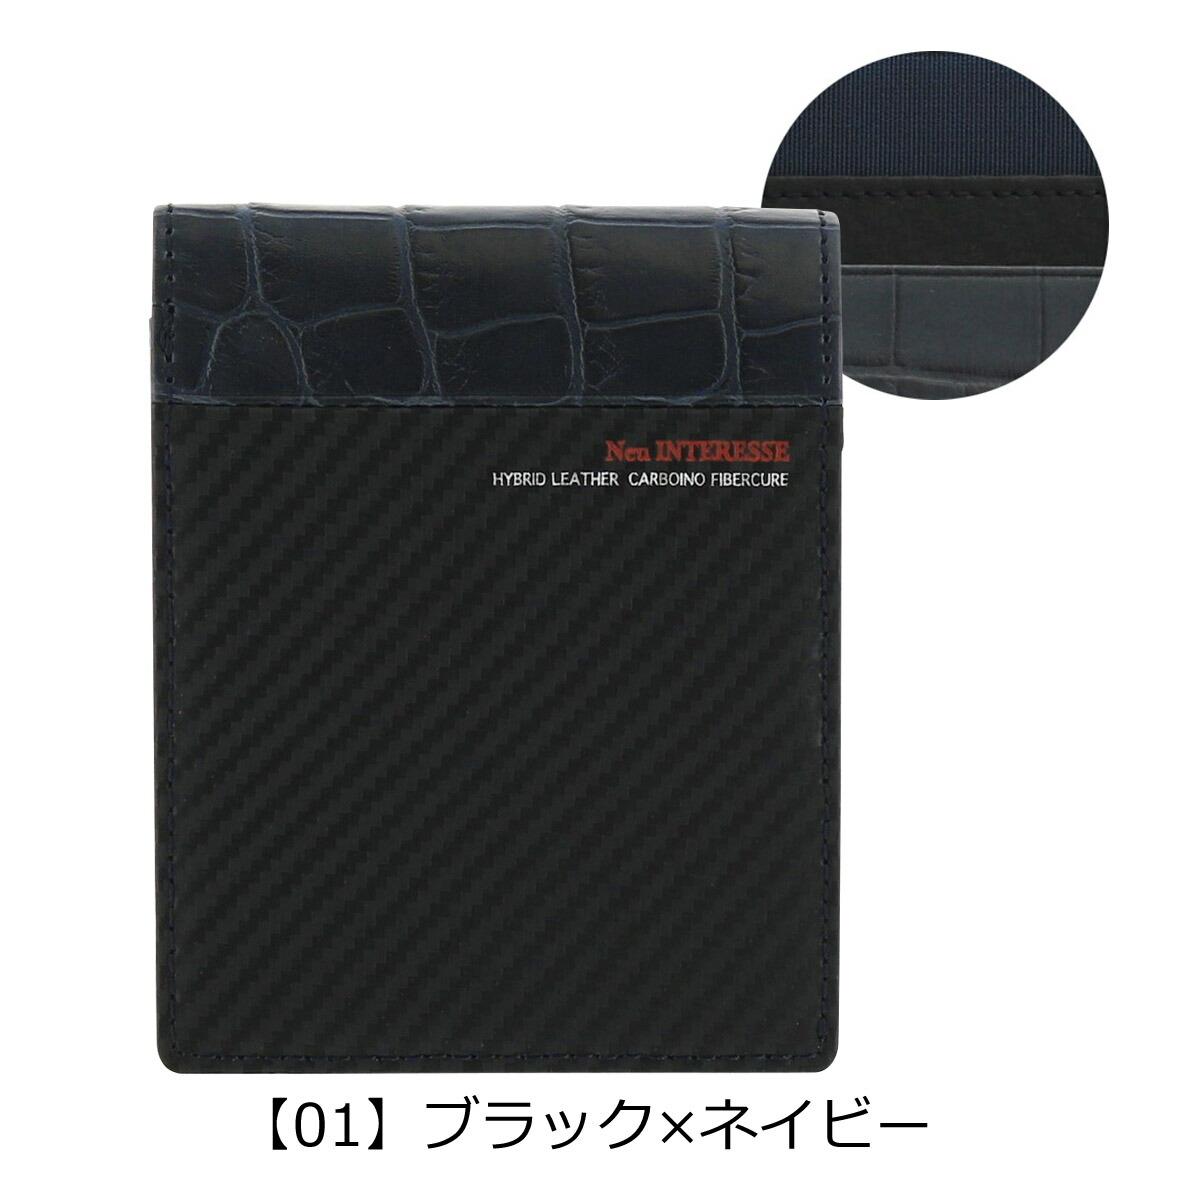 【01】ブラック×ネイビー